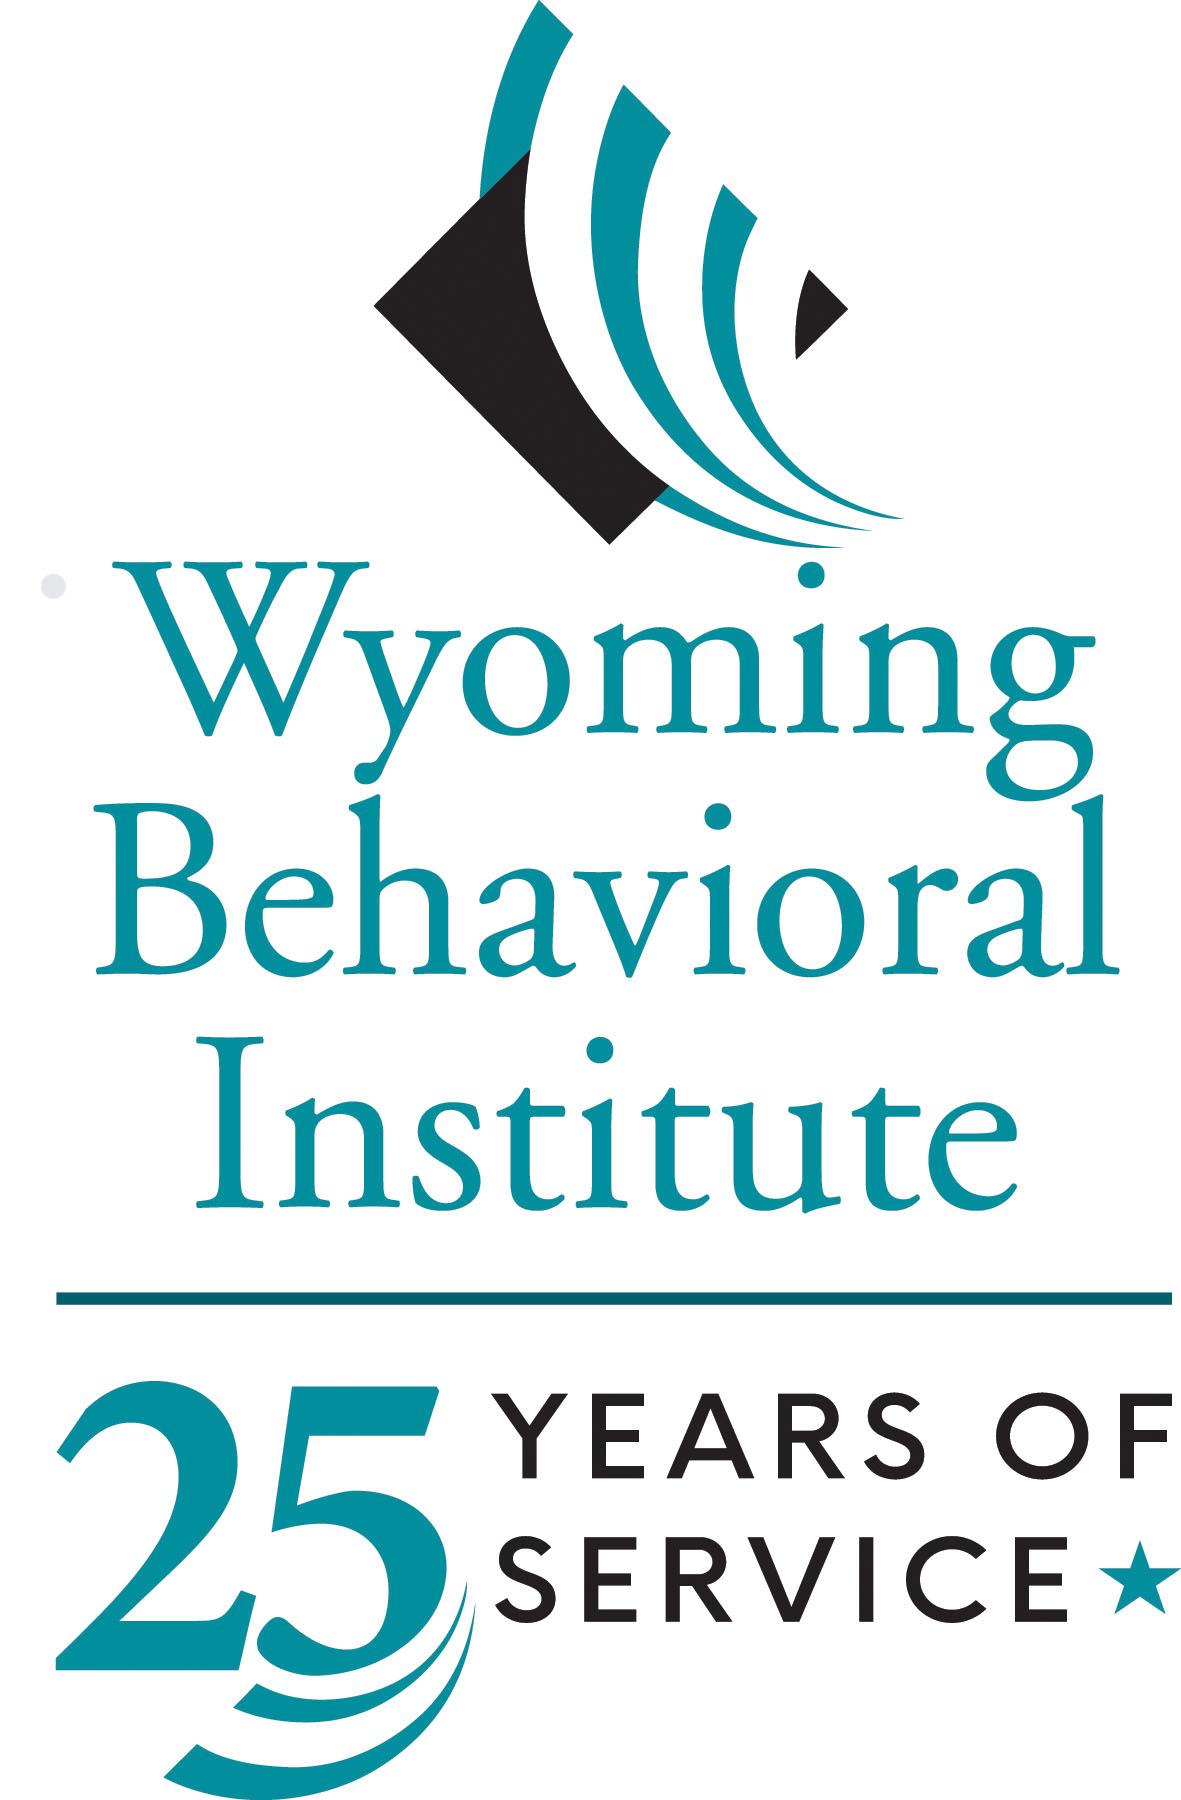 Wyoming Behavorial Institute logo